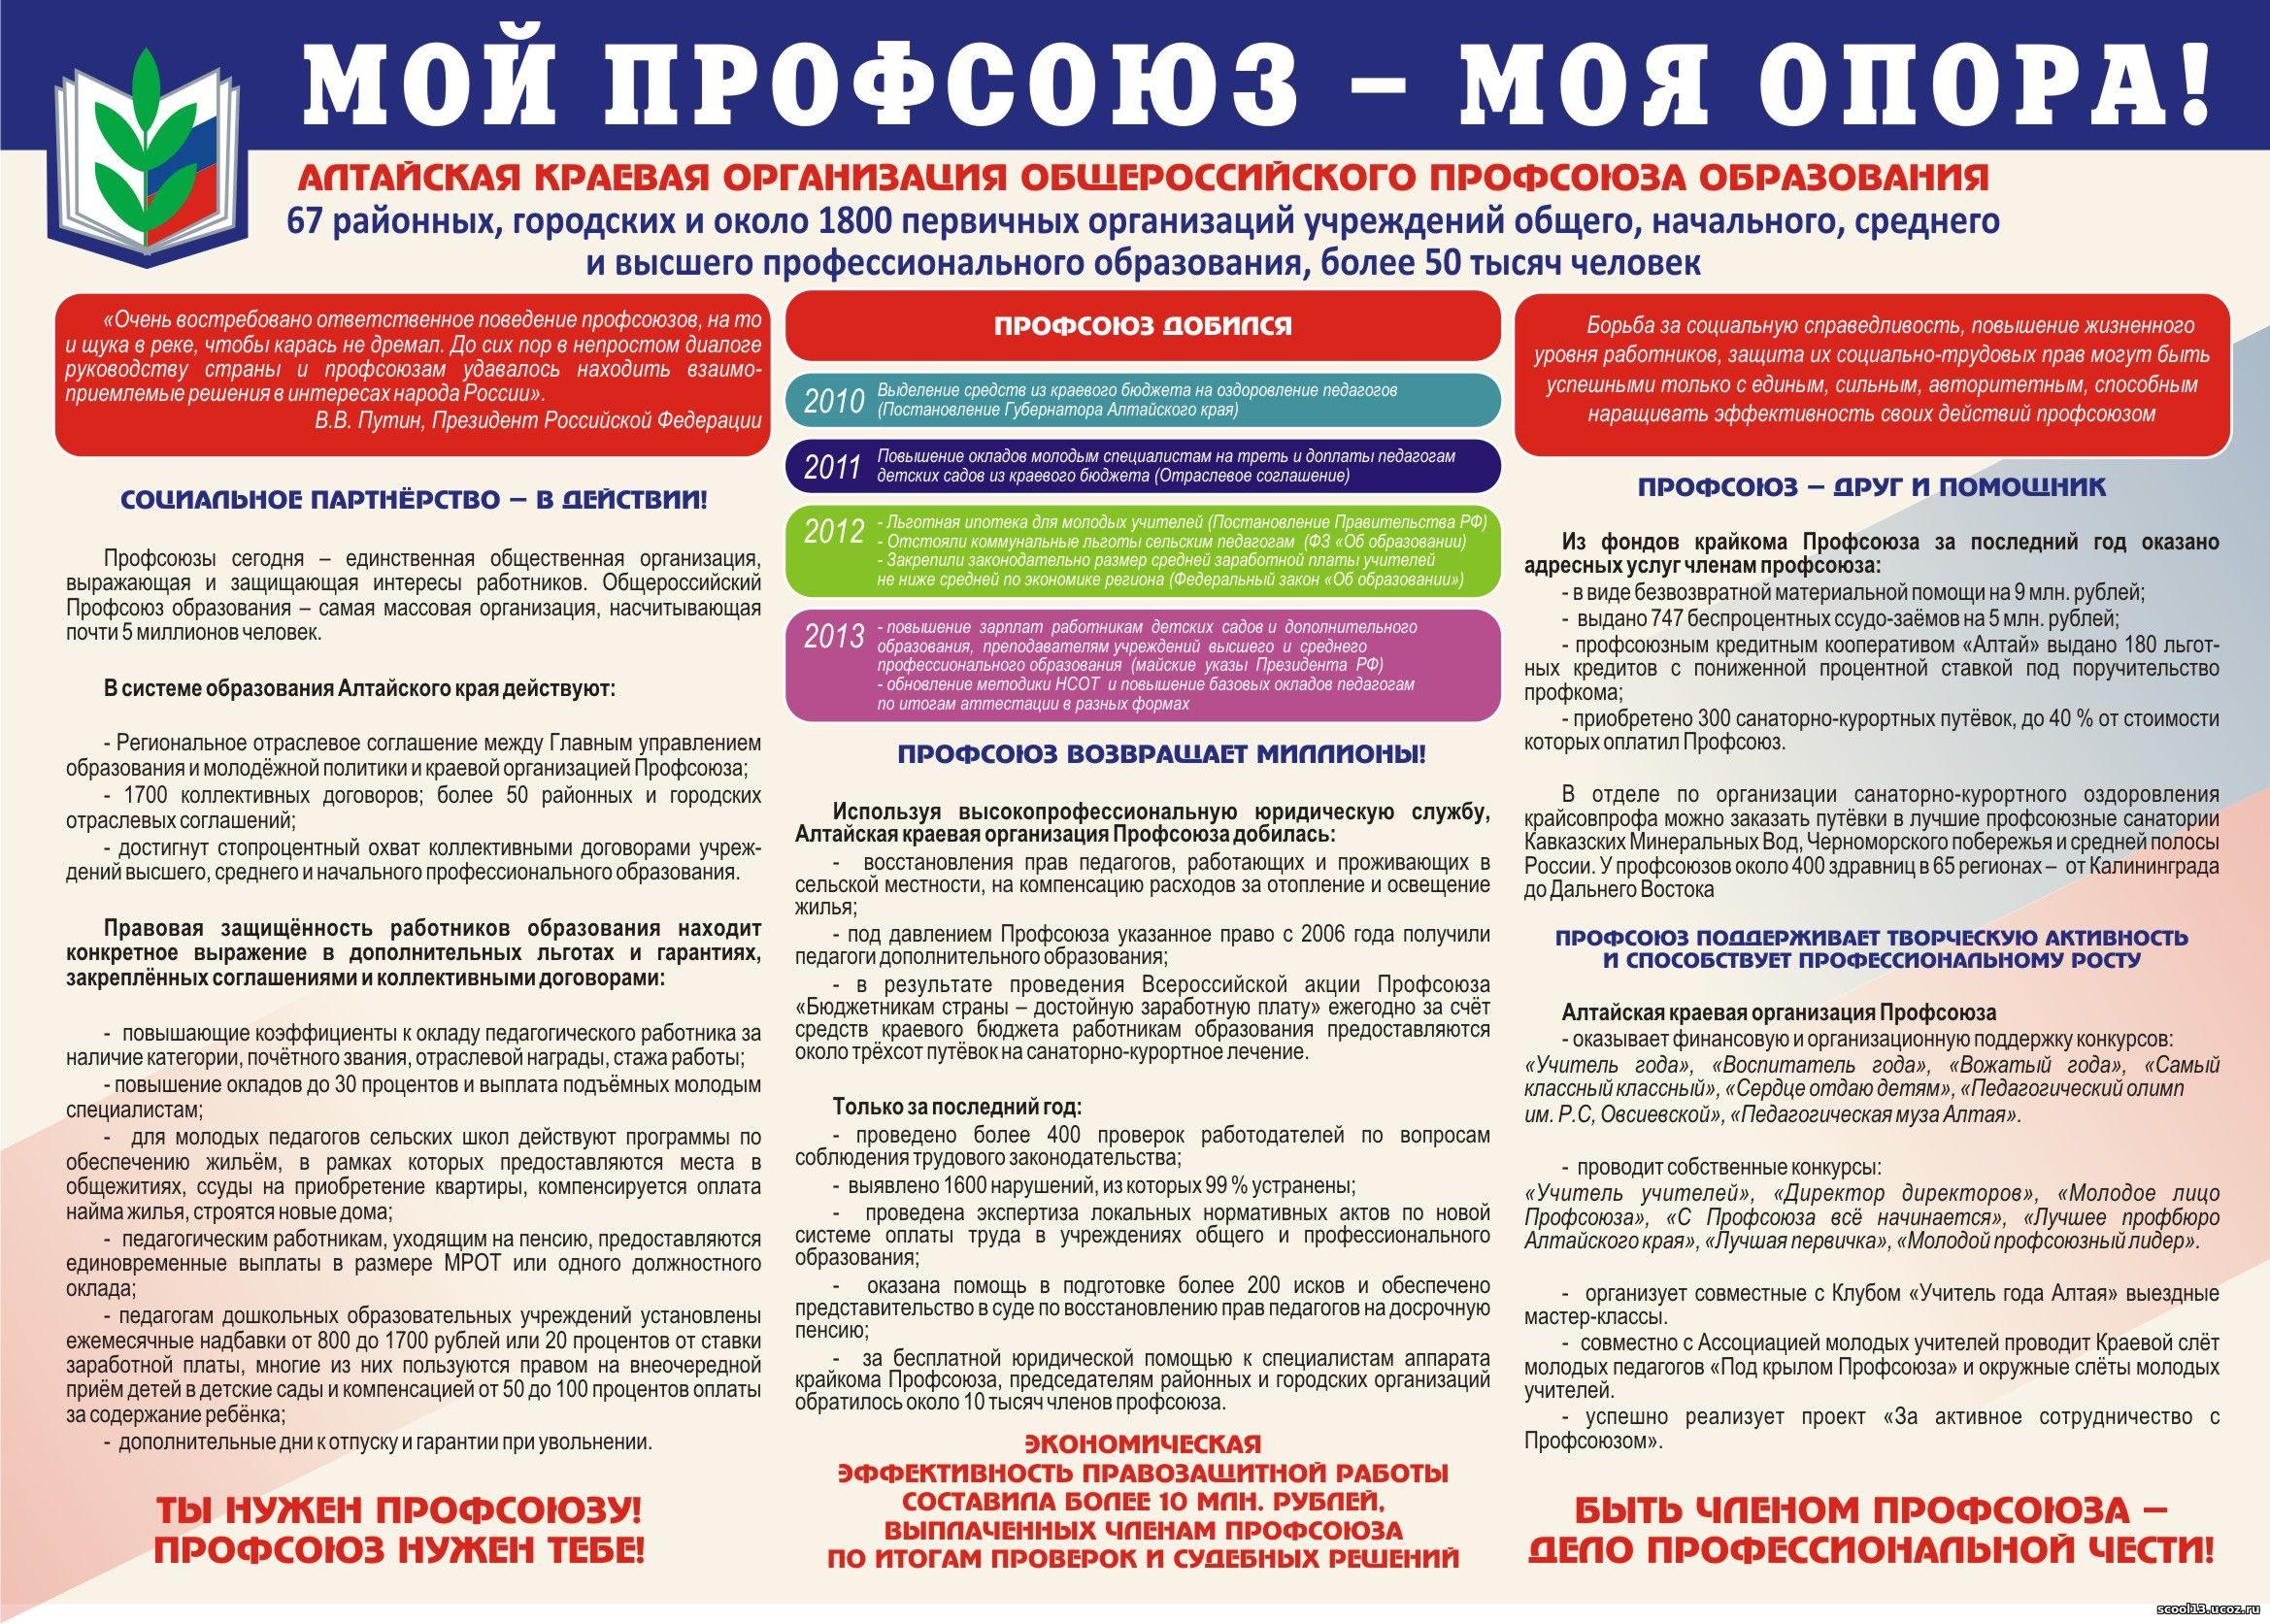 Правовой статус профсоюзной организации кратко